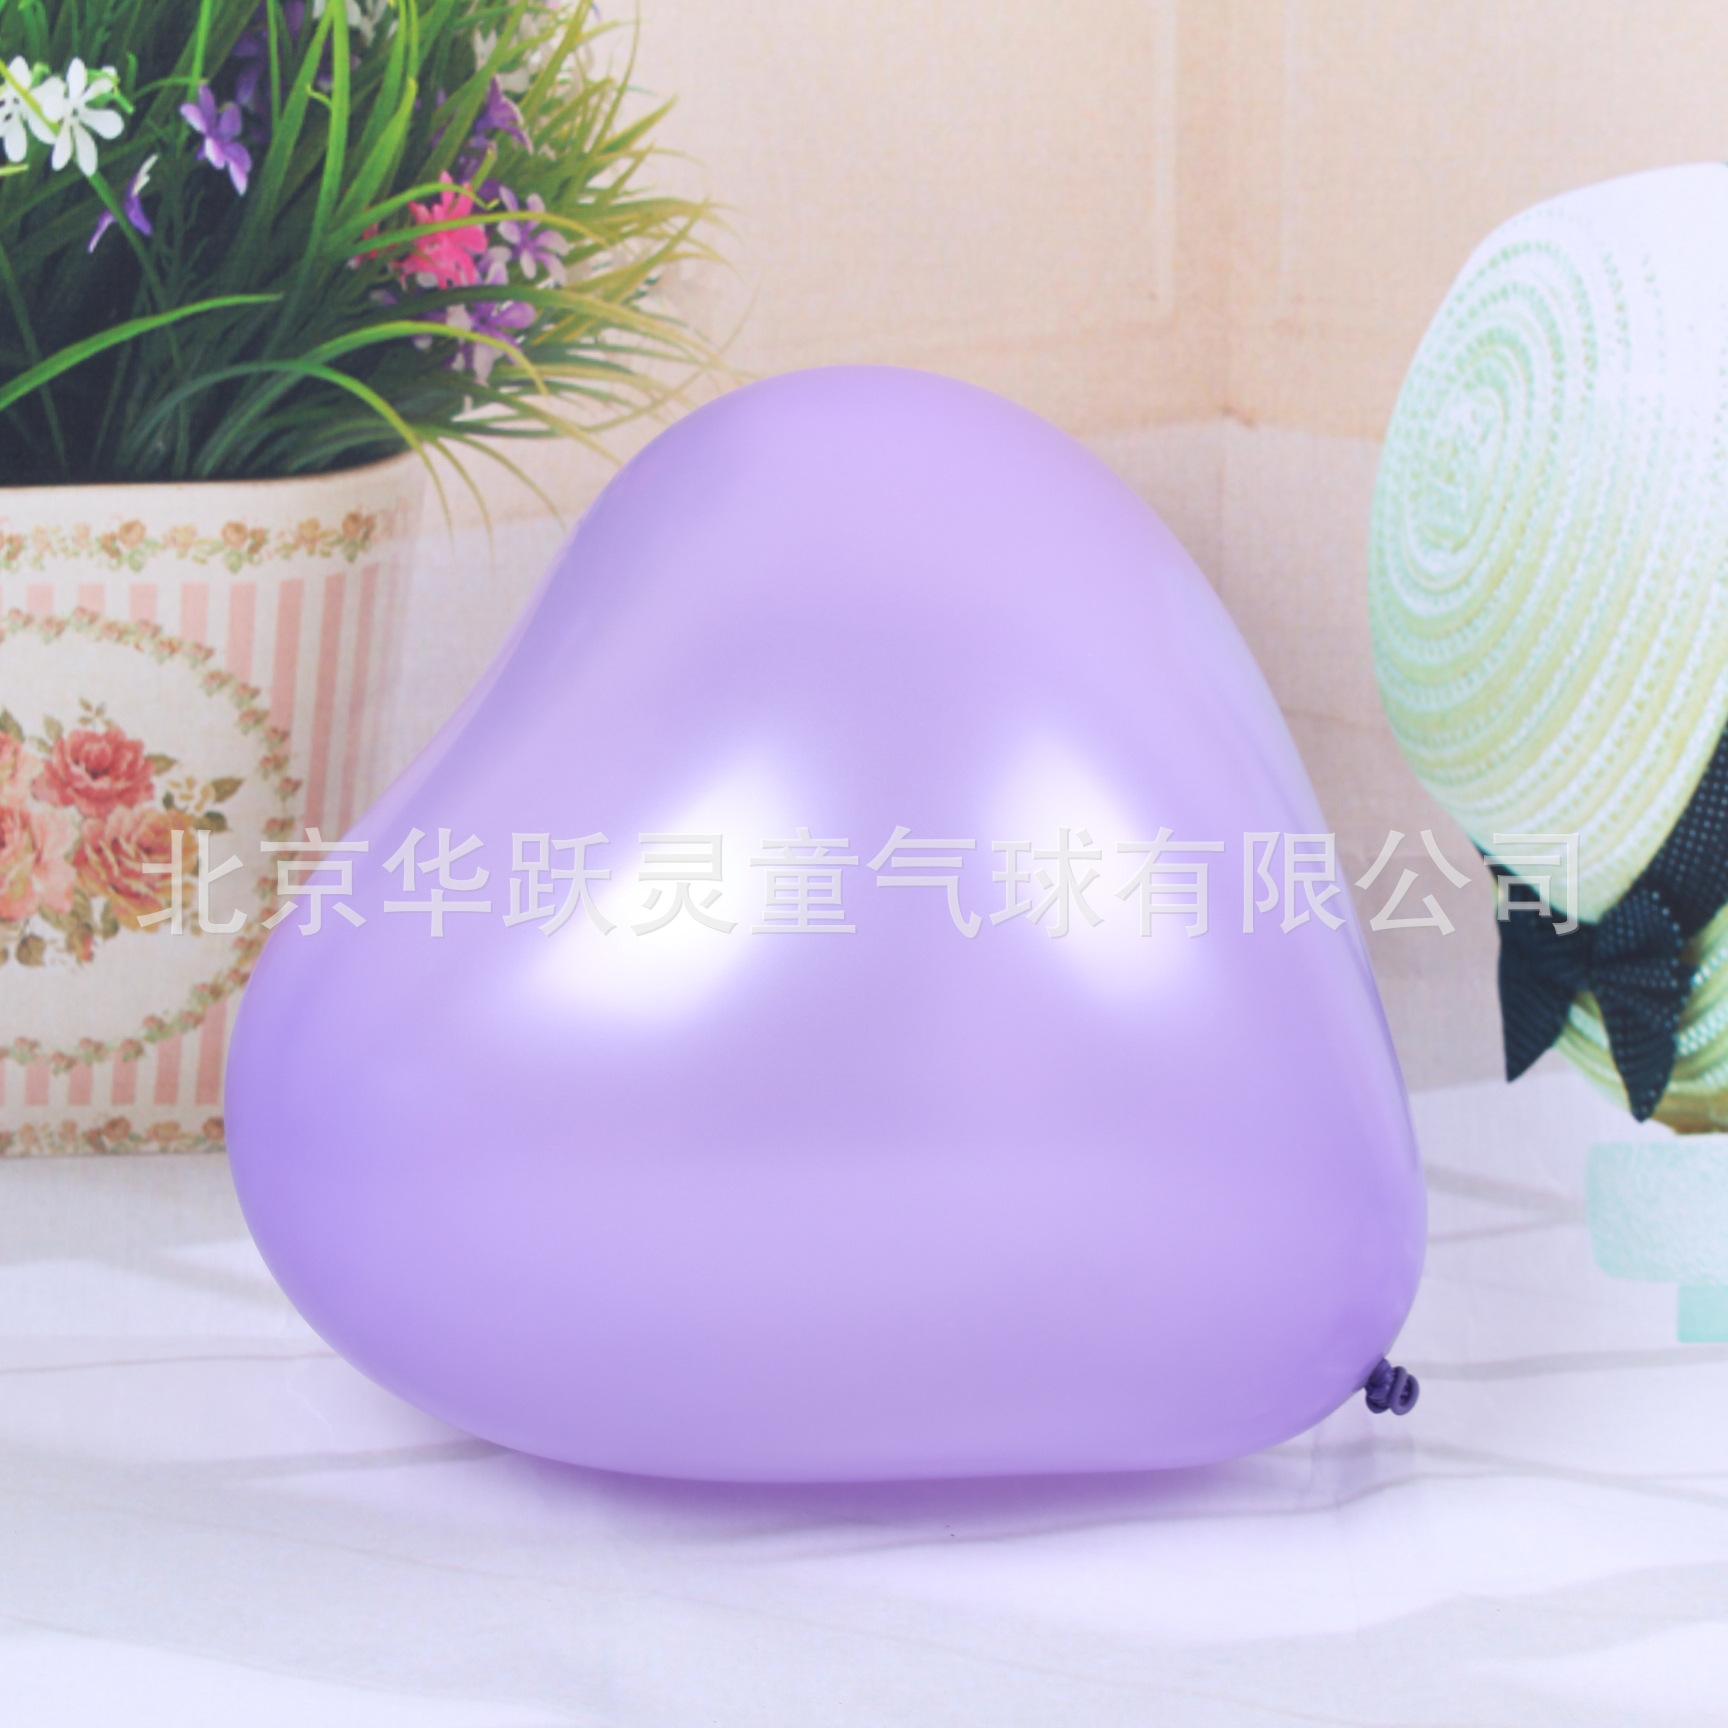 厂家批发 10寸心形气球 优质婚礼可爱气球